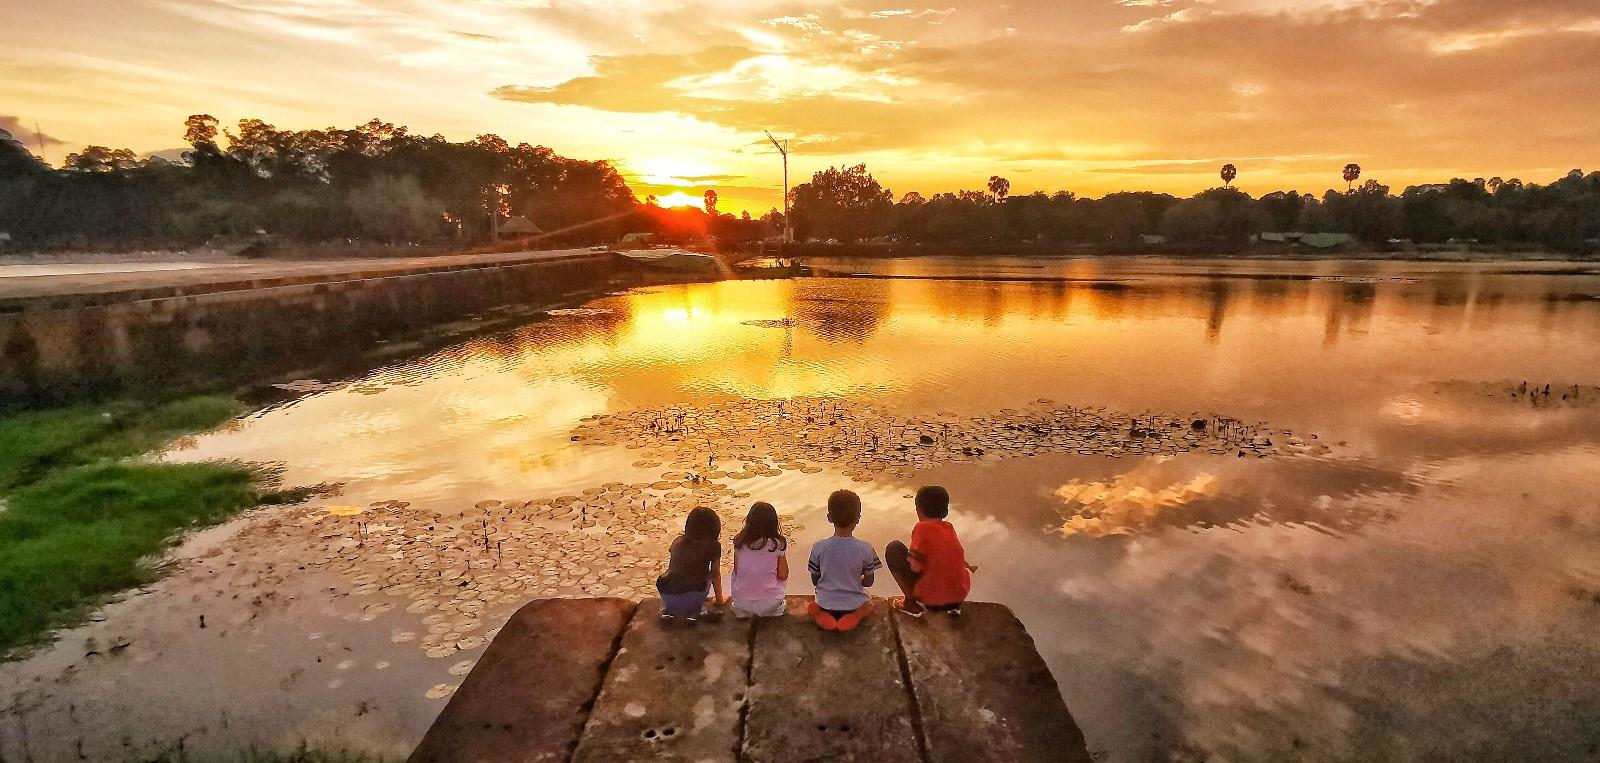 《儿童与夕阳》.jpg